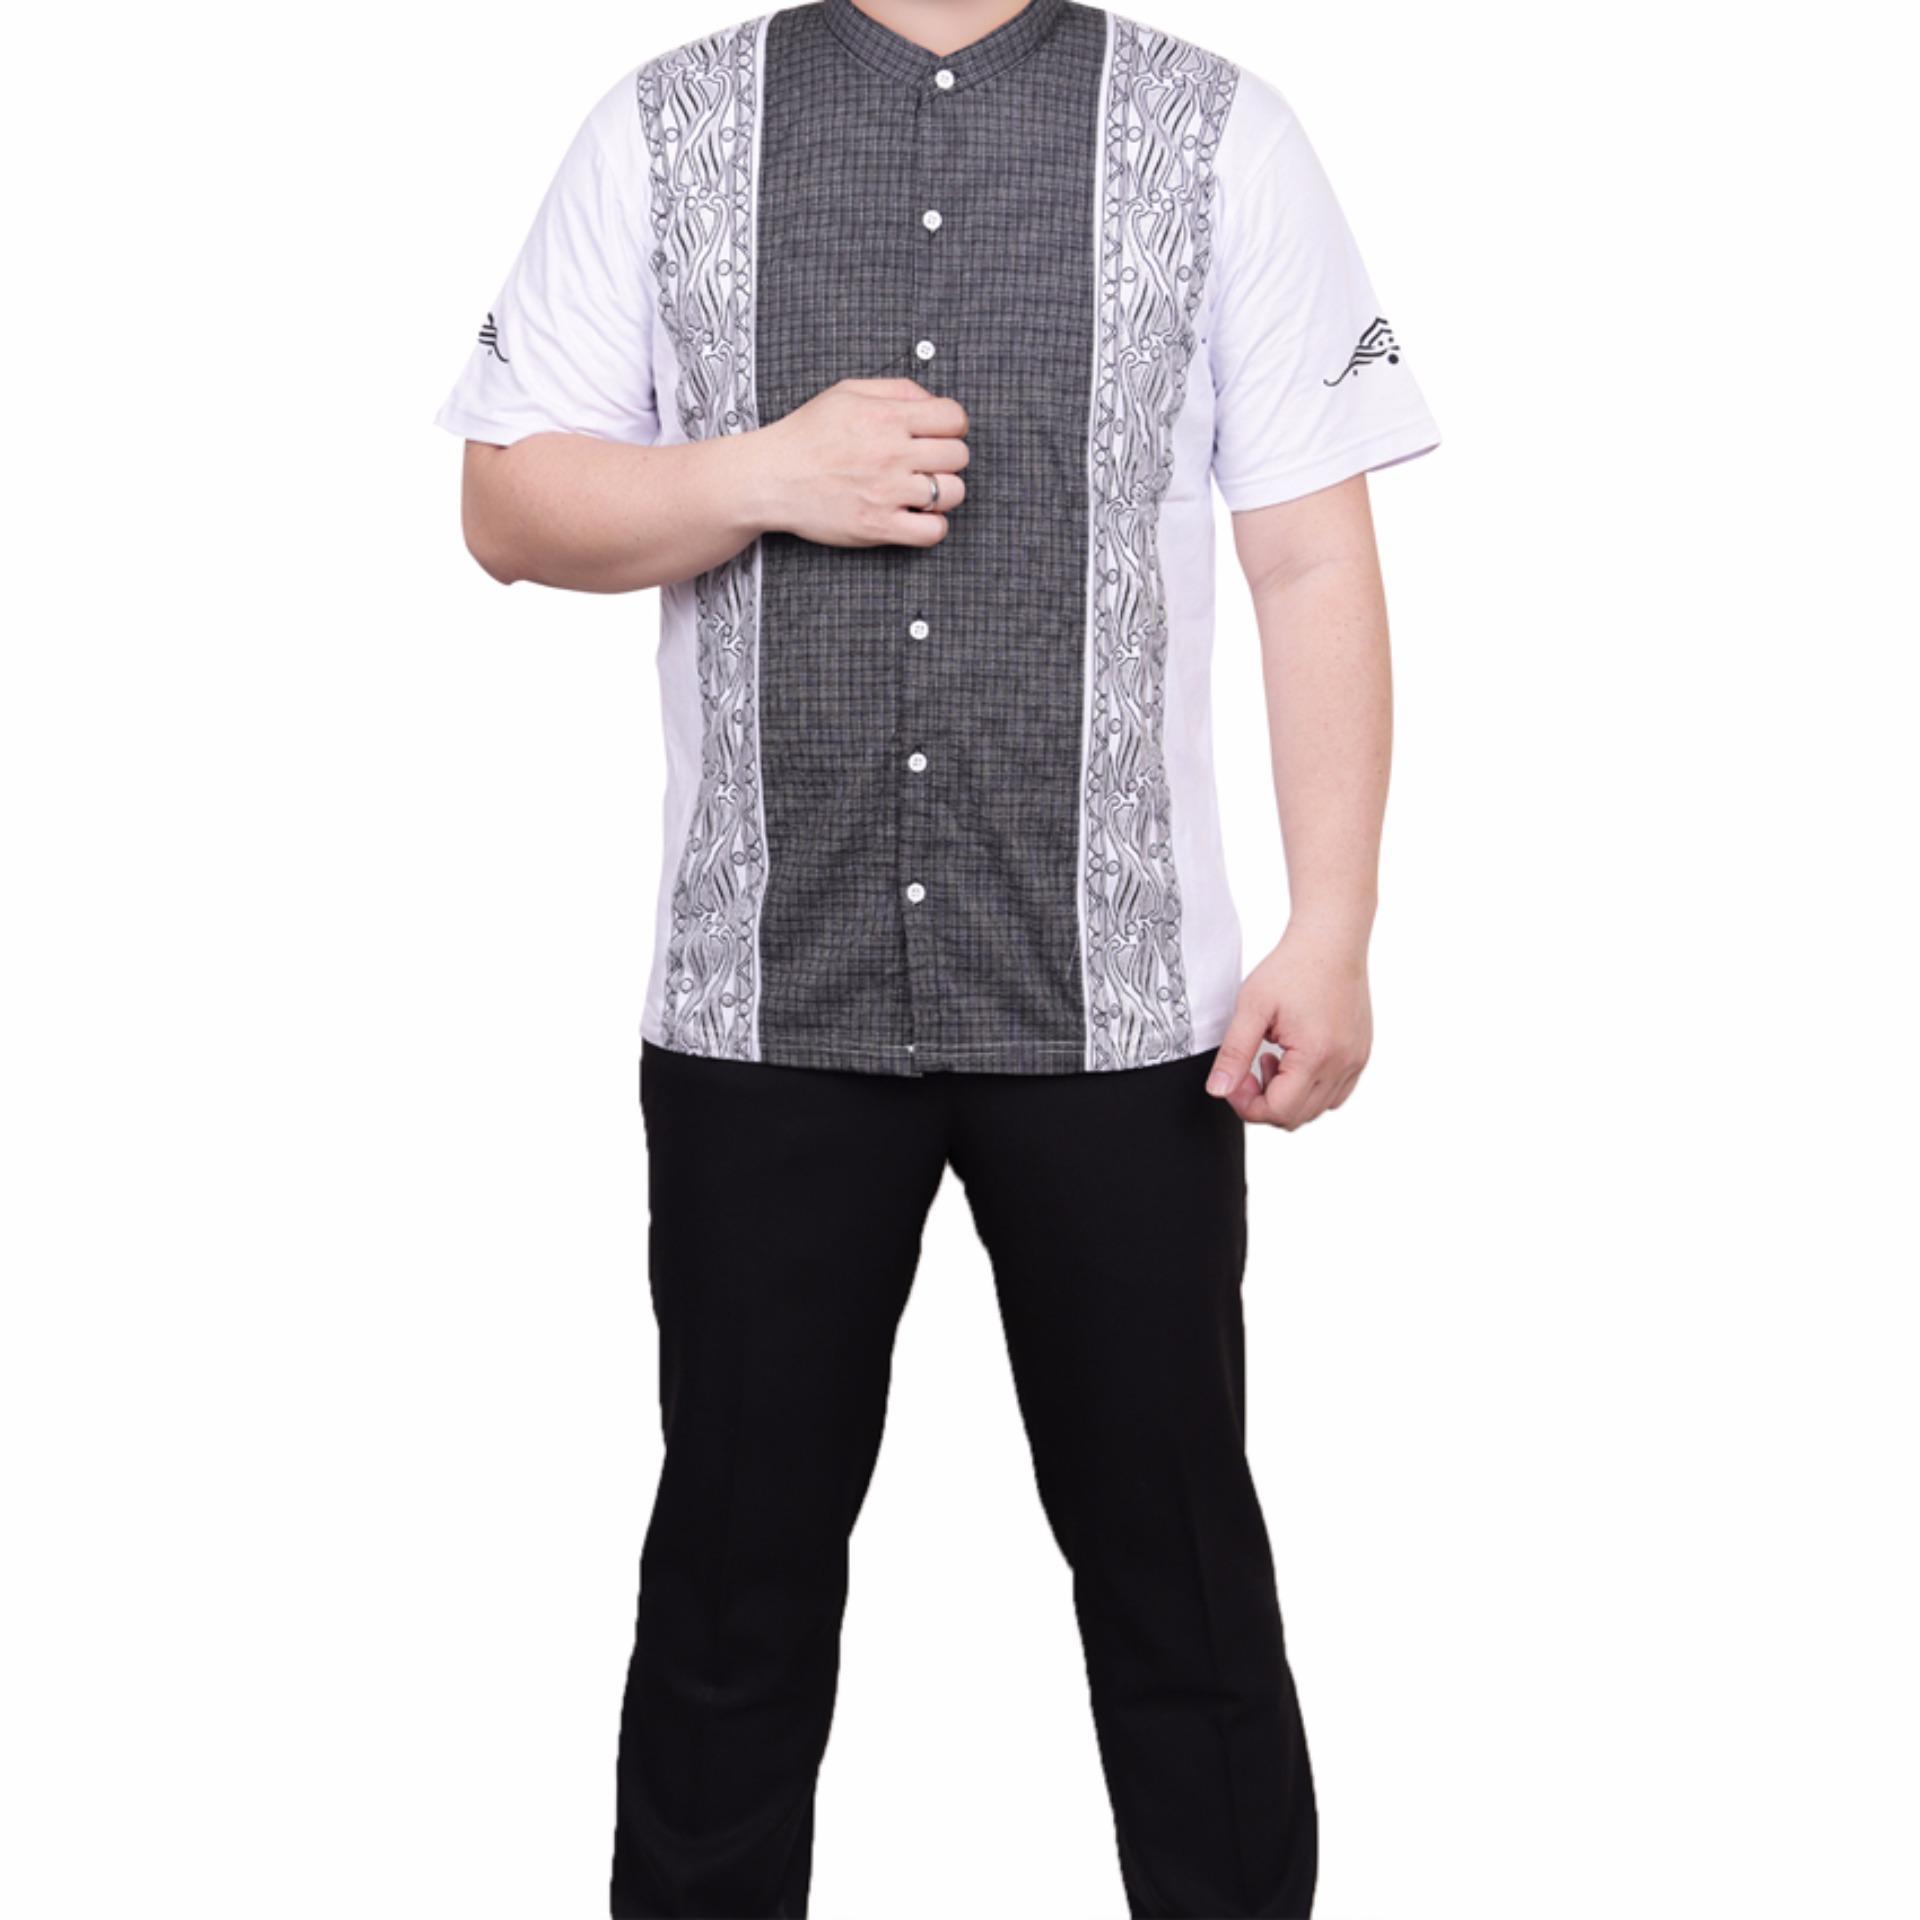 Ormano Baju Koko Muslim Batik Lengan Pendek Lebaran ZO17 KK51 Kemeja Fashion Pria - Putih .